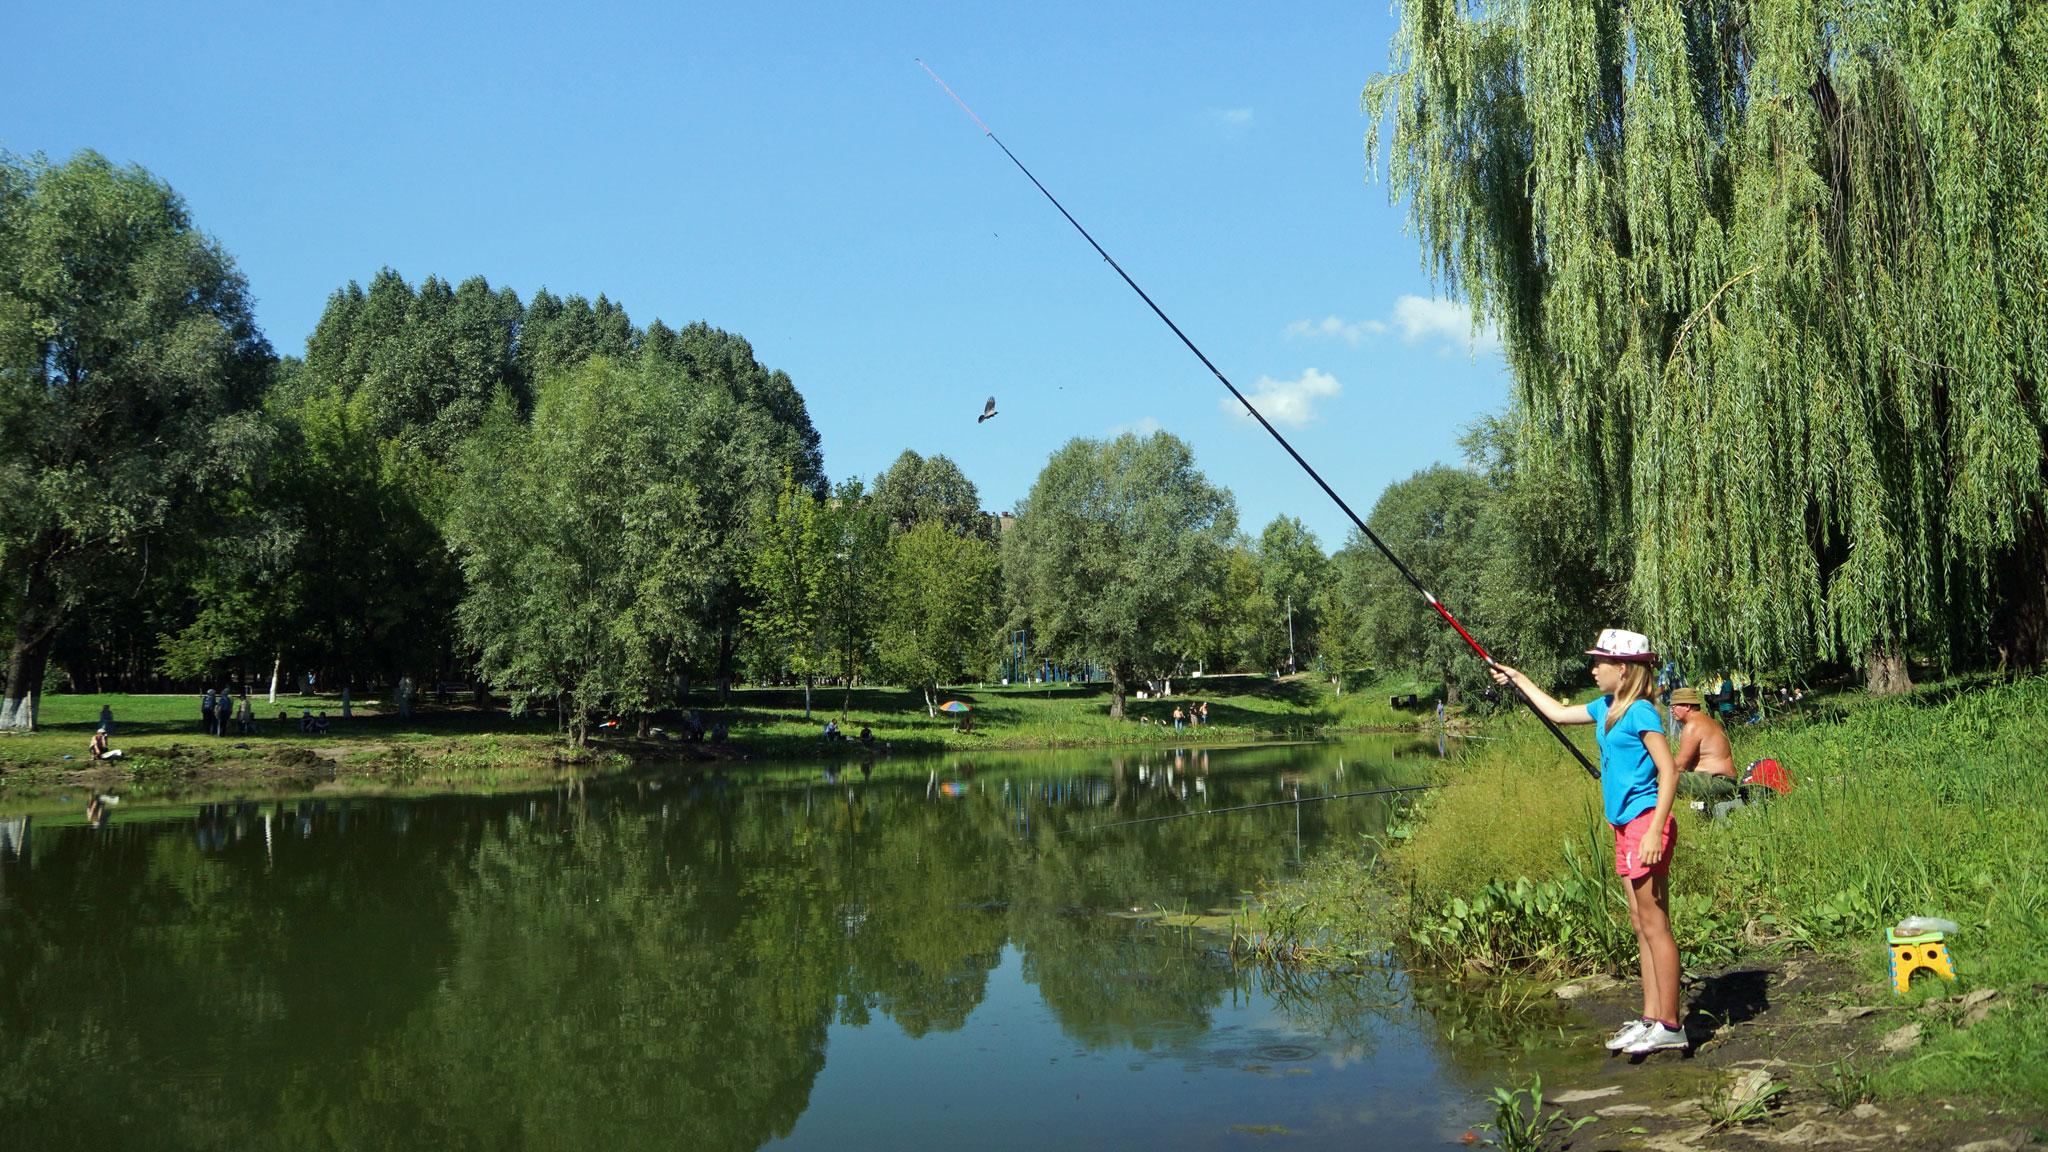 Все о рыбалке - читайте на сайте рыбхоз.полезные статьи